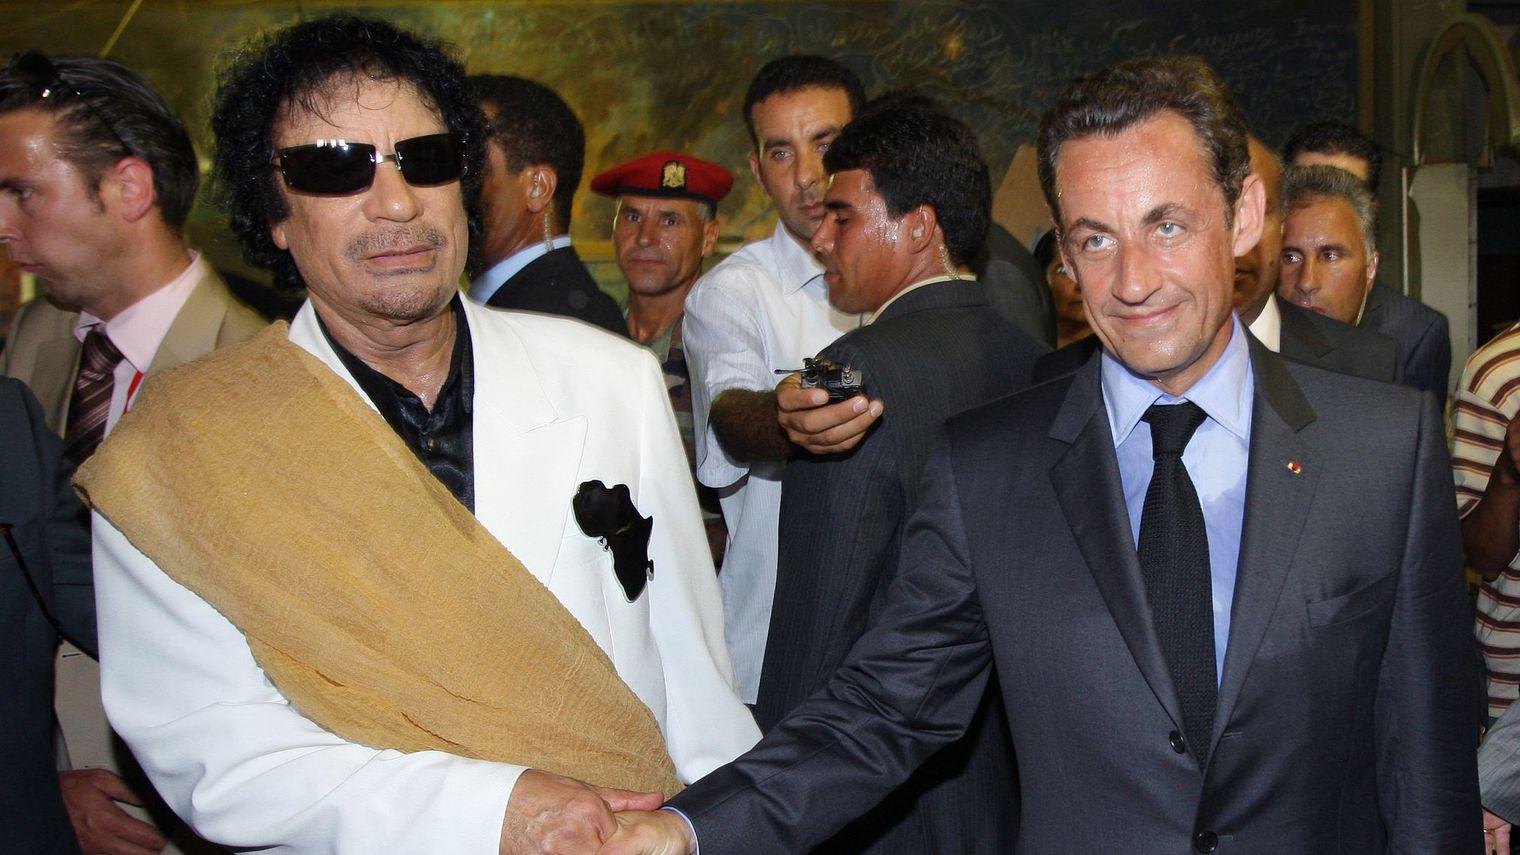 l-ancien-leader-libyen-mouammar-kadhafi-g-et-l-ex-president-francais-nicolas-sarkozy-d-lors-d-une-visite-officielle-a-tripoli-le-25-juillet-2007_6032756.jpg